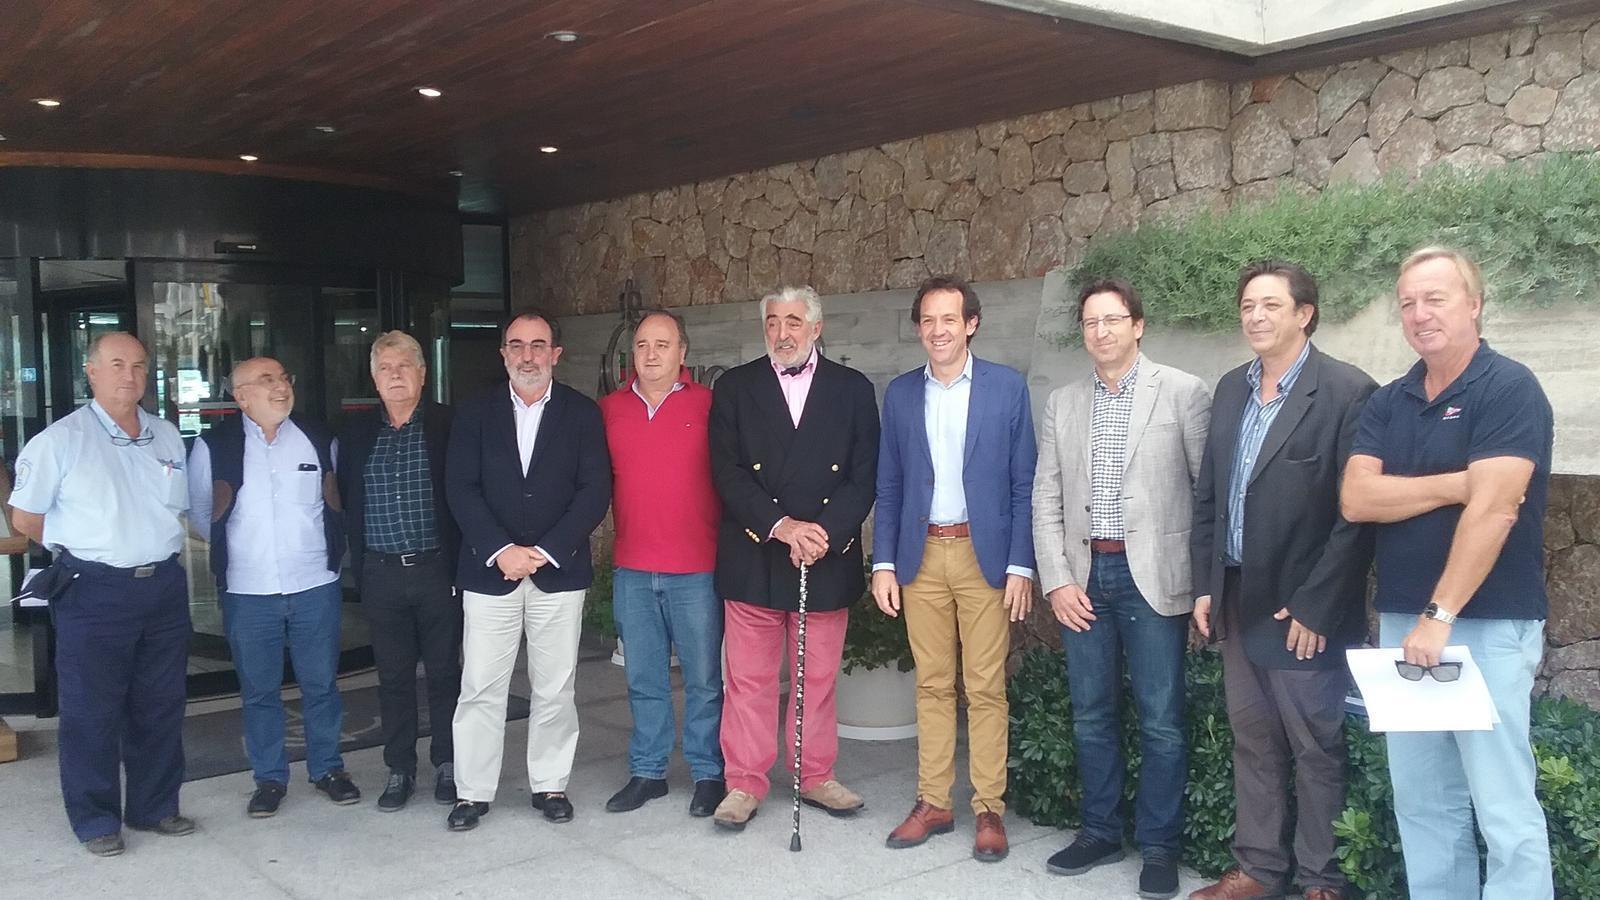 A la presentació han assistit Andrés Nevado, Regidor Delegat del Port de Pollença de l'Ajuntament; a més del president del Reial Club Nàutic, Alan Joseph Ponte; el cap d'Unitat de l'Àrea de Gestió Directa de PortsIB, Nicolàs Ferrer Pons; i representants de la Federació d'Associacions d'Amarristes de les Illes Balears, entre d'altres assistents